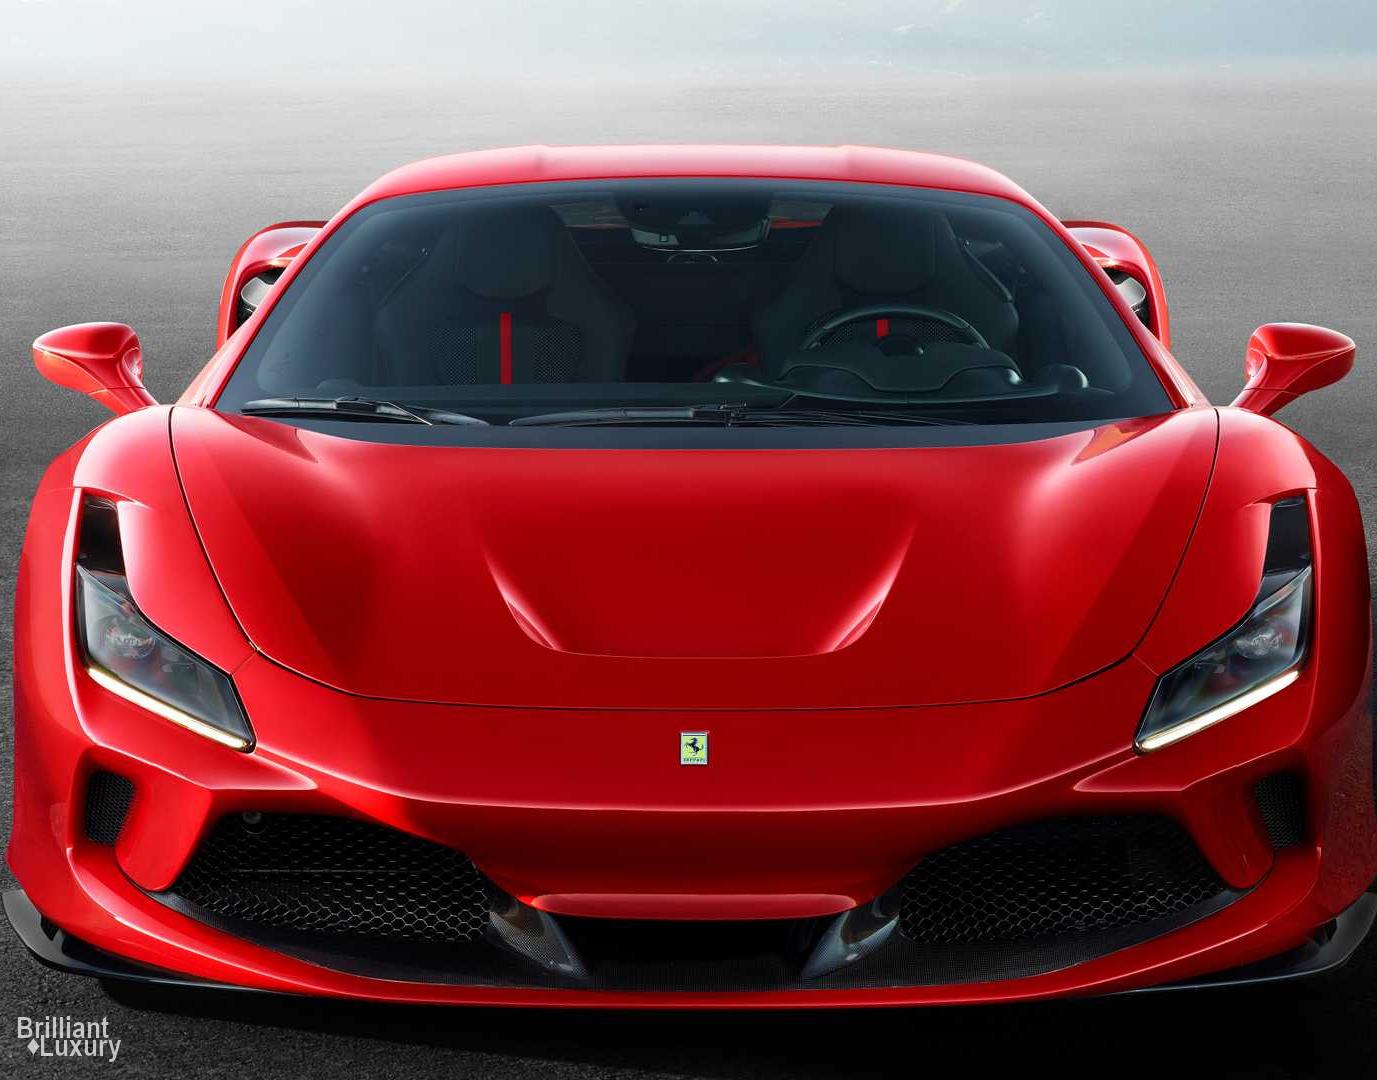 Brilliant Luxury Ferrari F8 Tributo 2019 Red Cars Racing Ferrari Car Sports Car Sports Cars Luxury